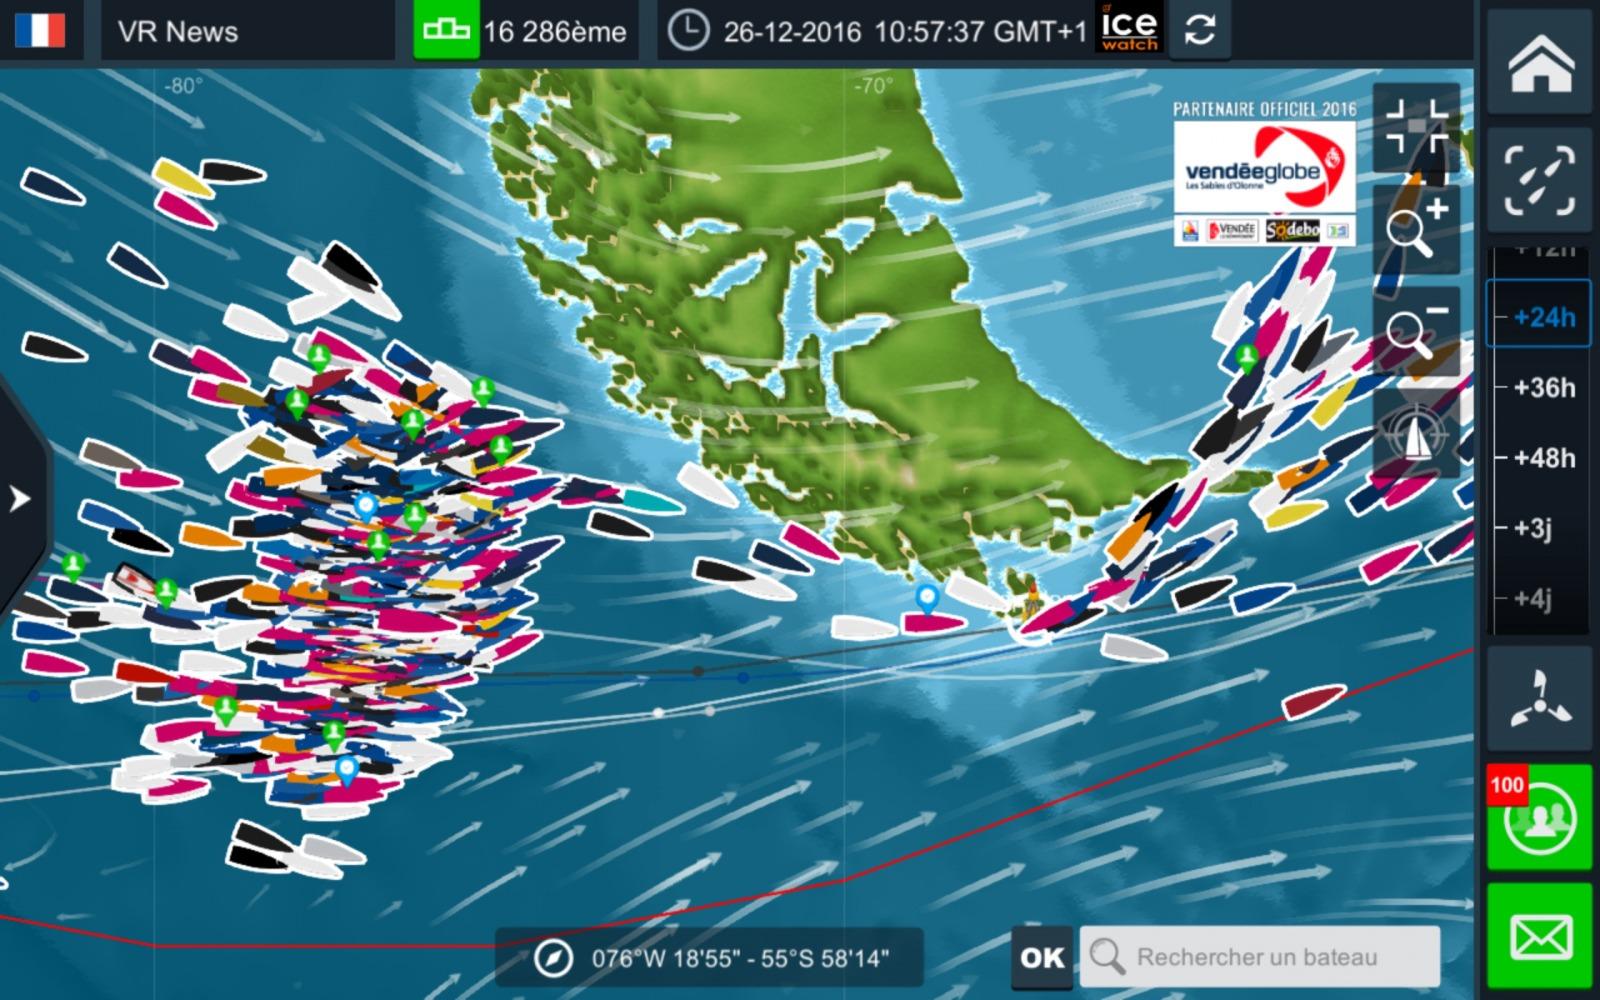 vendée globe, suivez la course ! - Page 11 Vr-news-cap-horn-26-dec-r-1600-1200